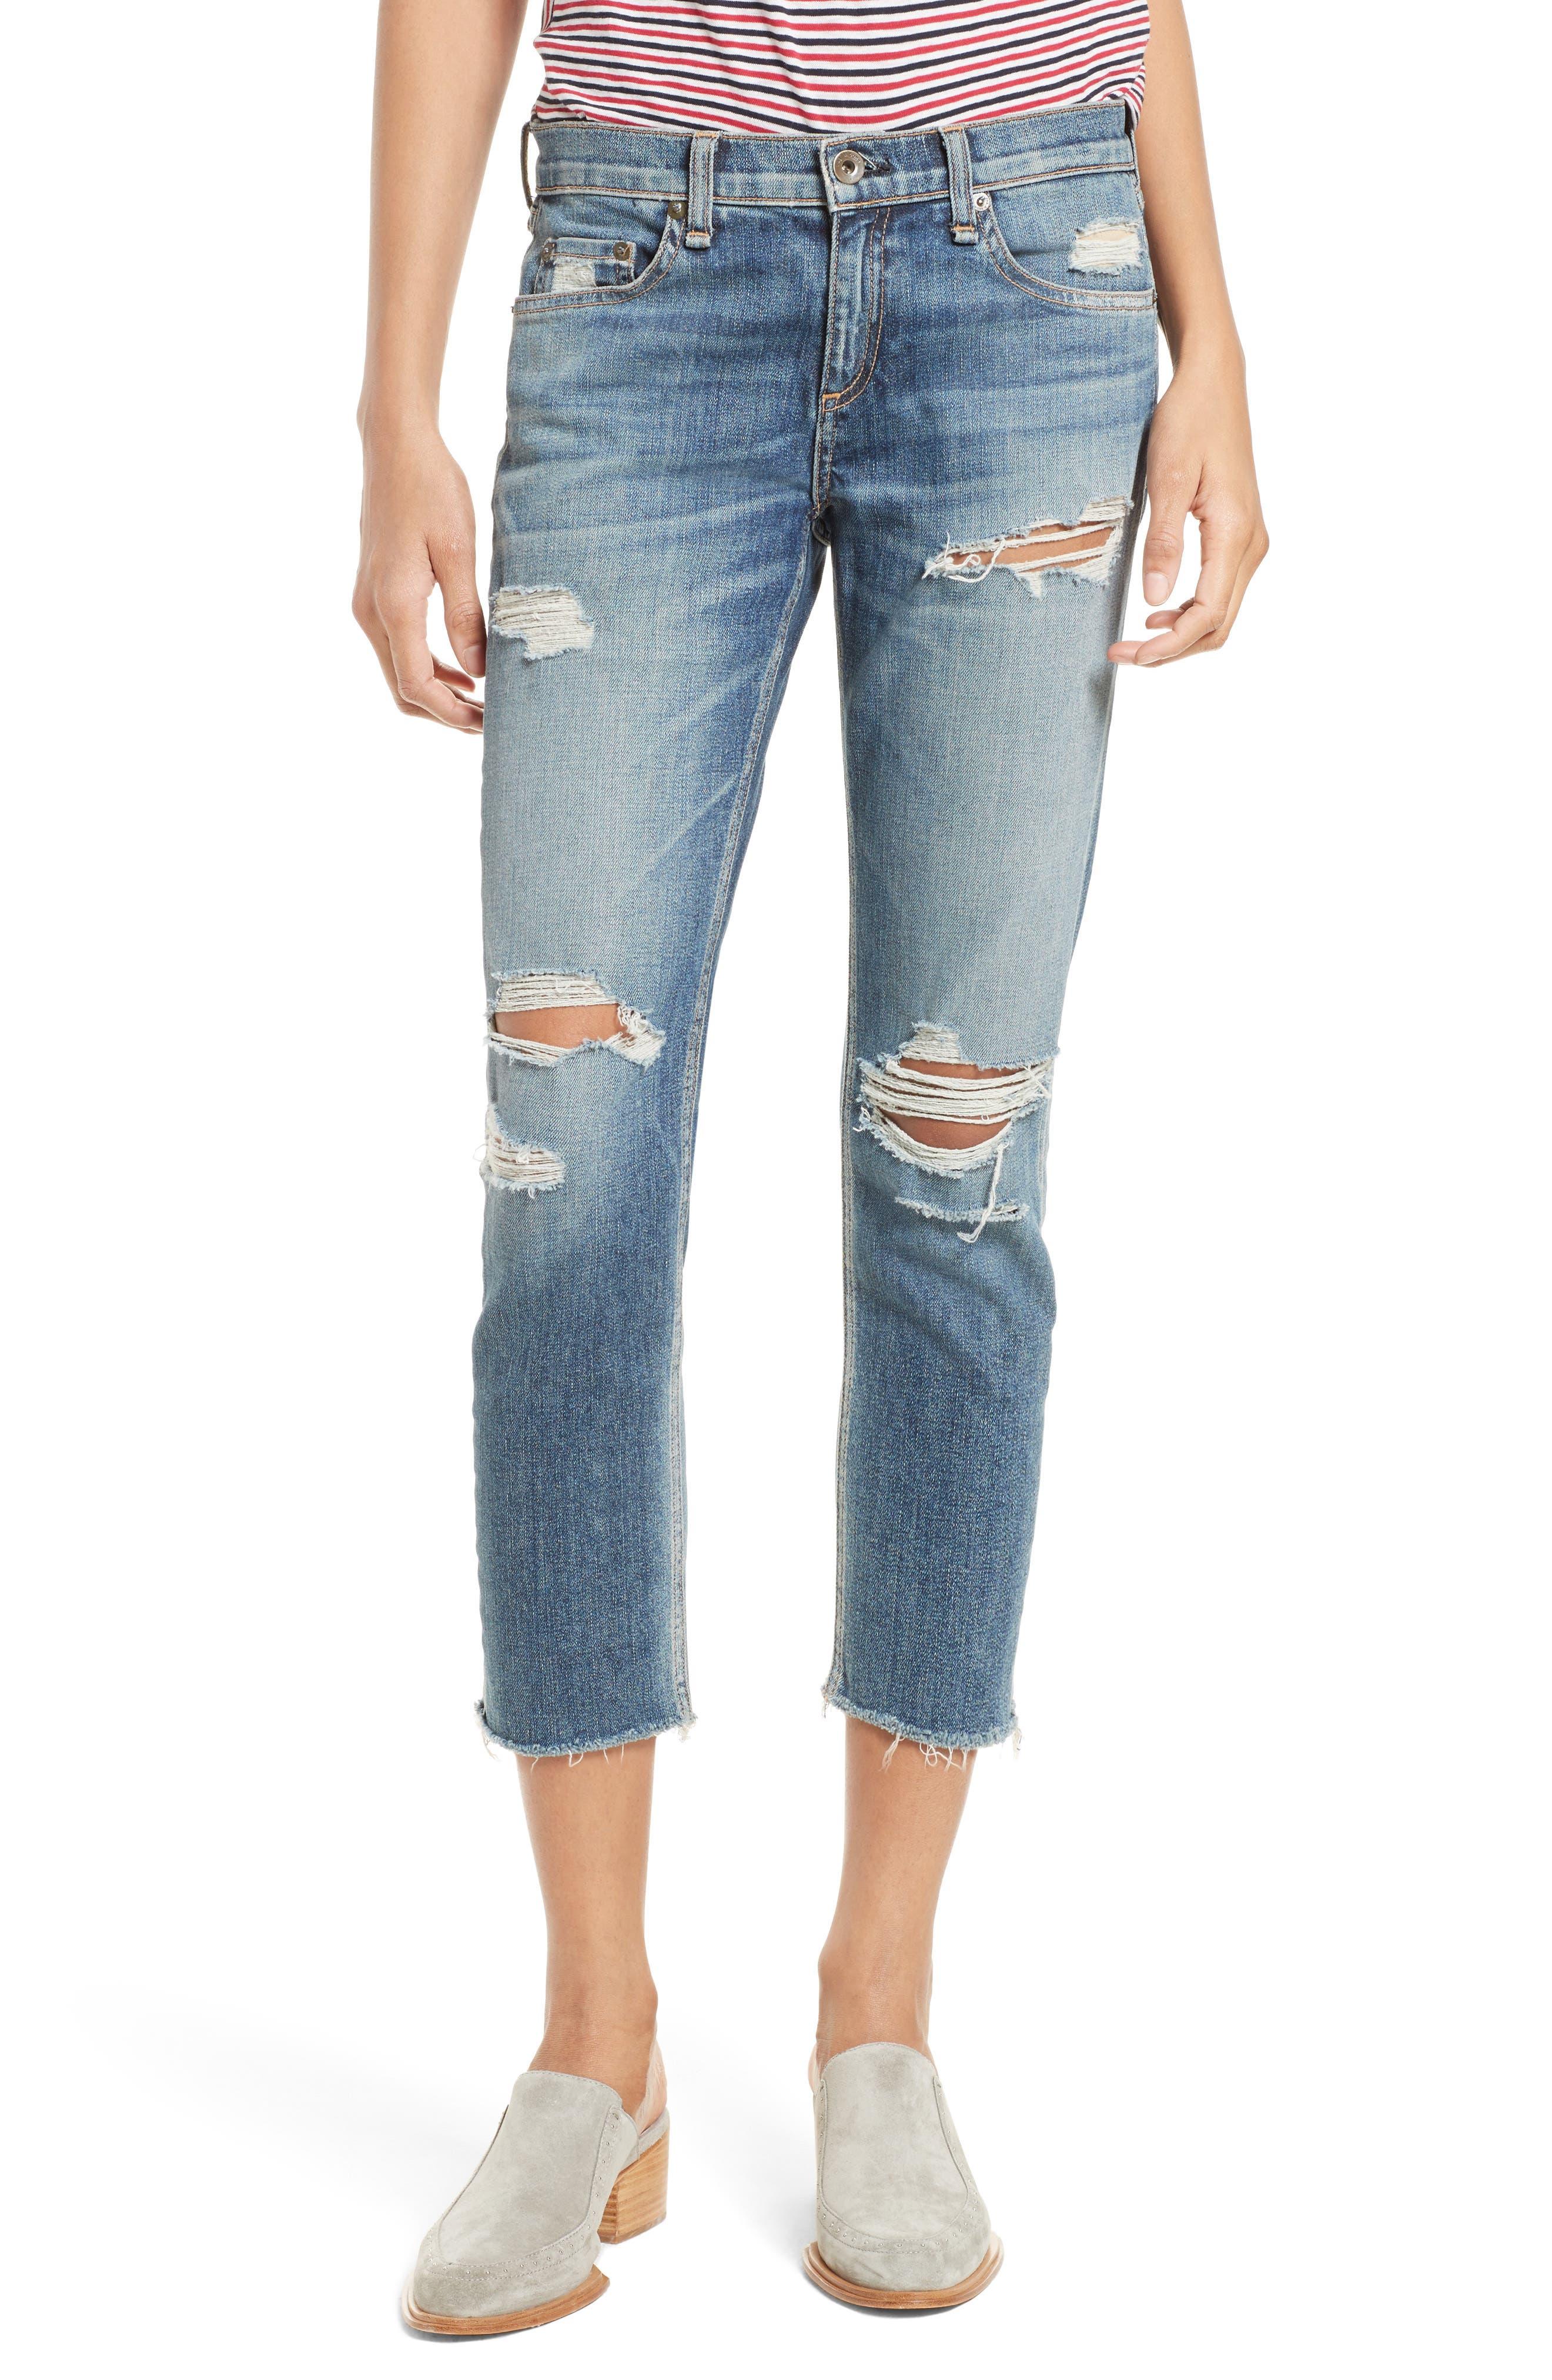 Alternate Image 1 Selected - rag & bone/JEAN The Dre Capri Slim Boyfriend Jeans (Delamo)